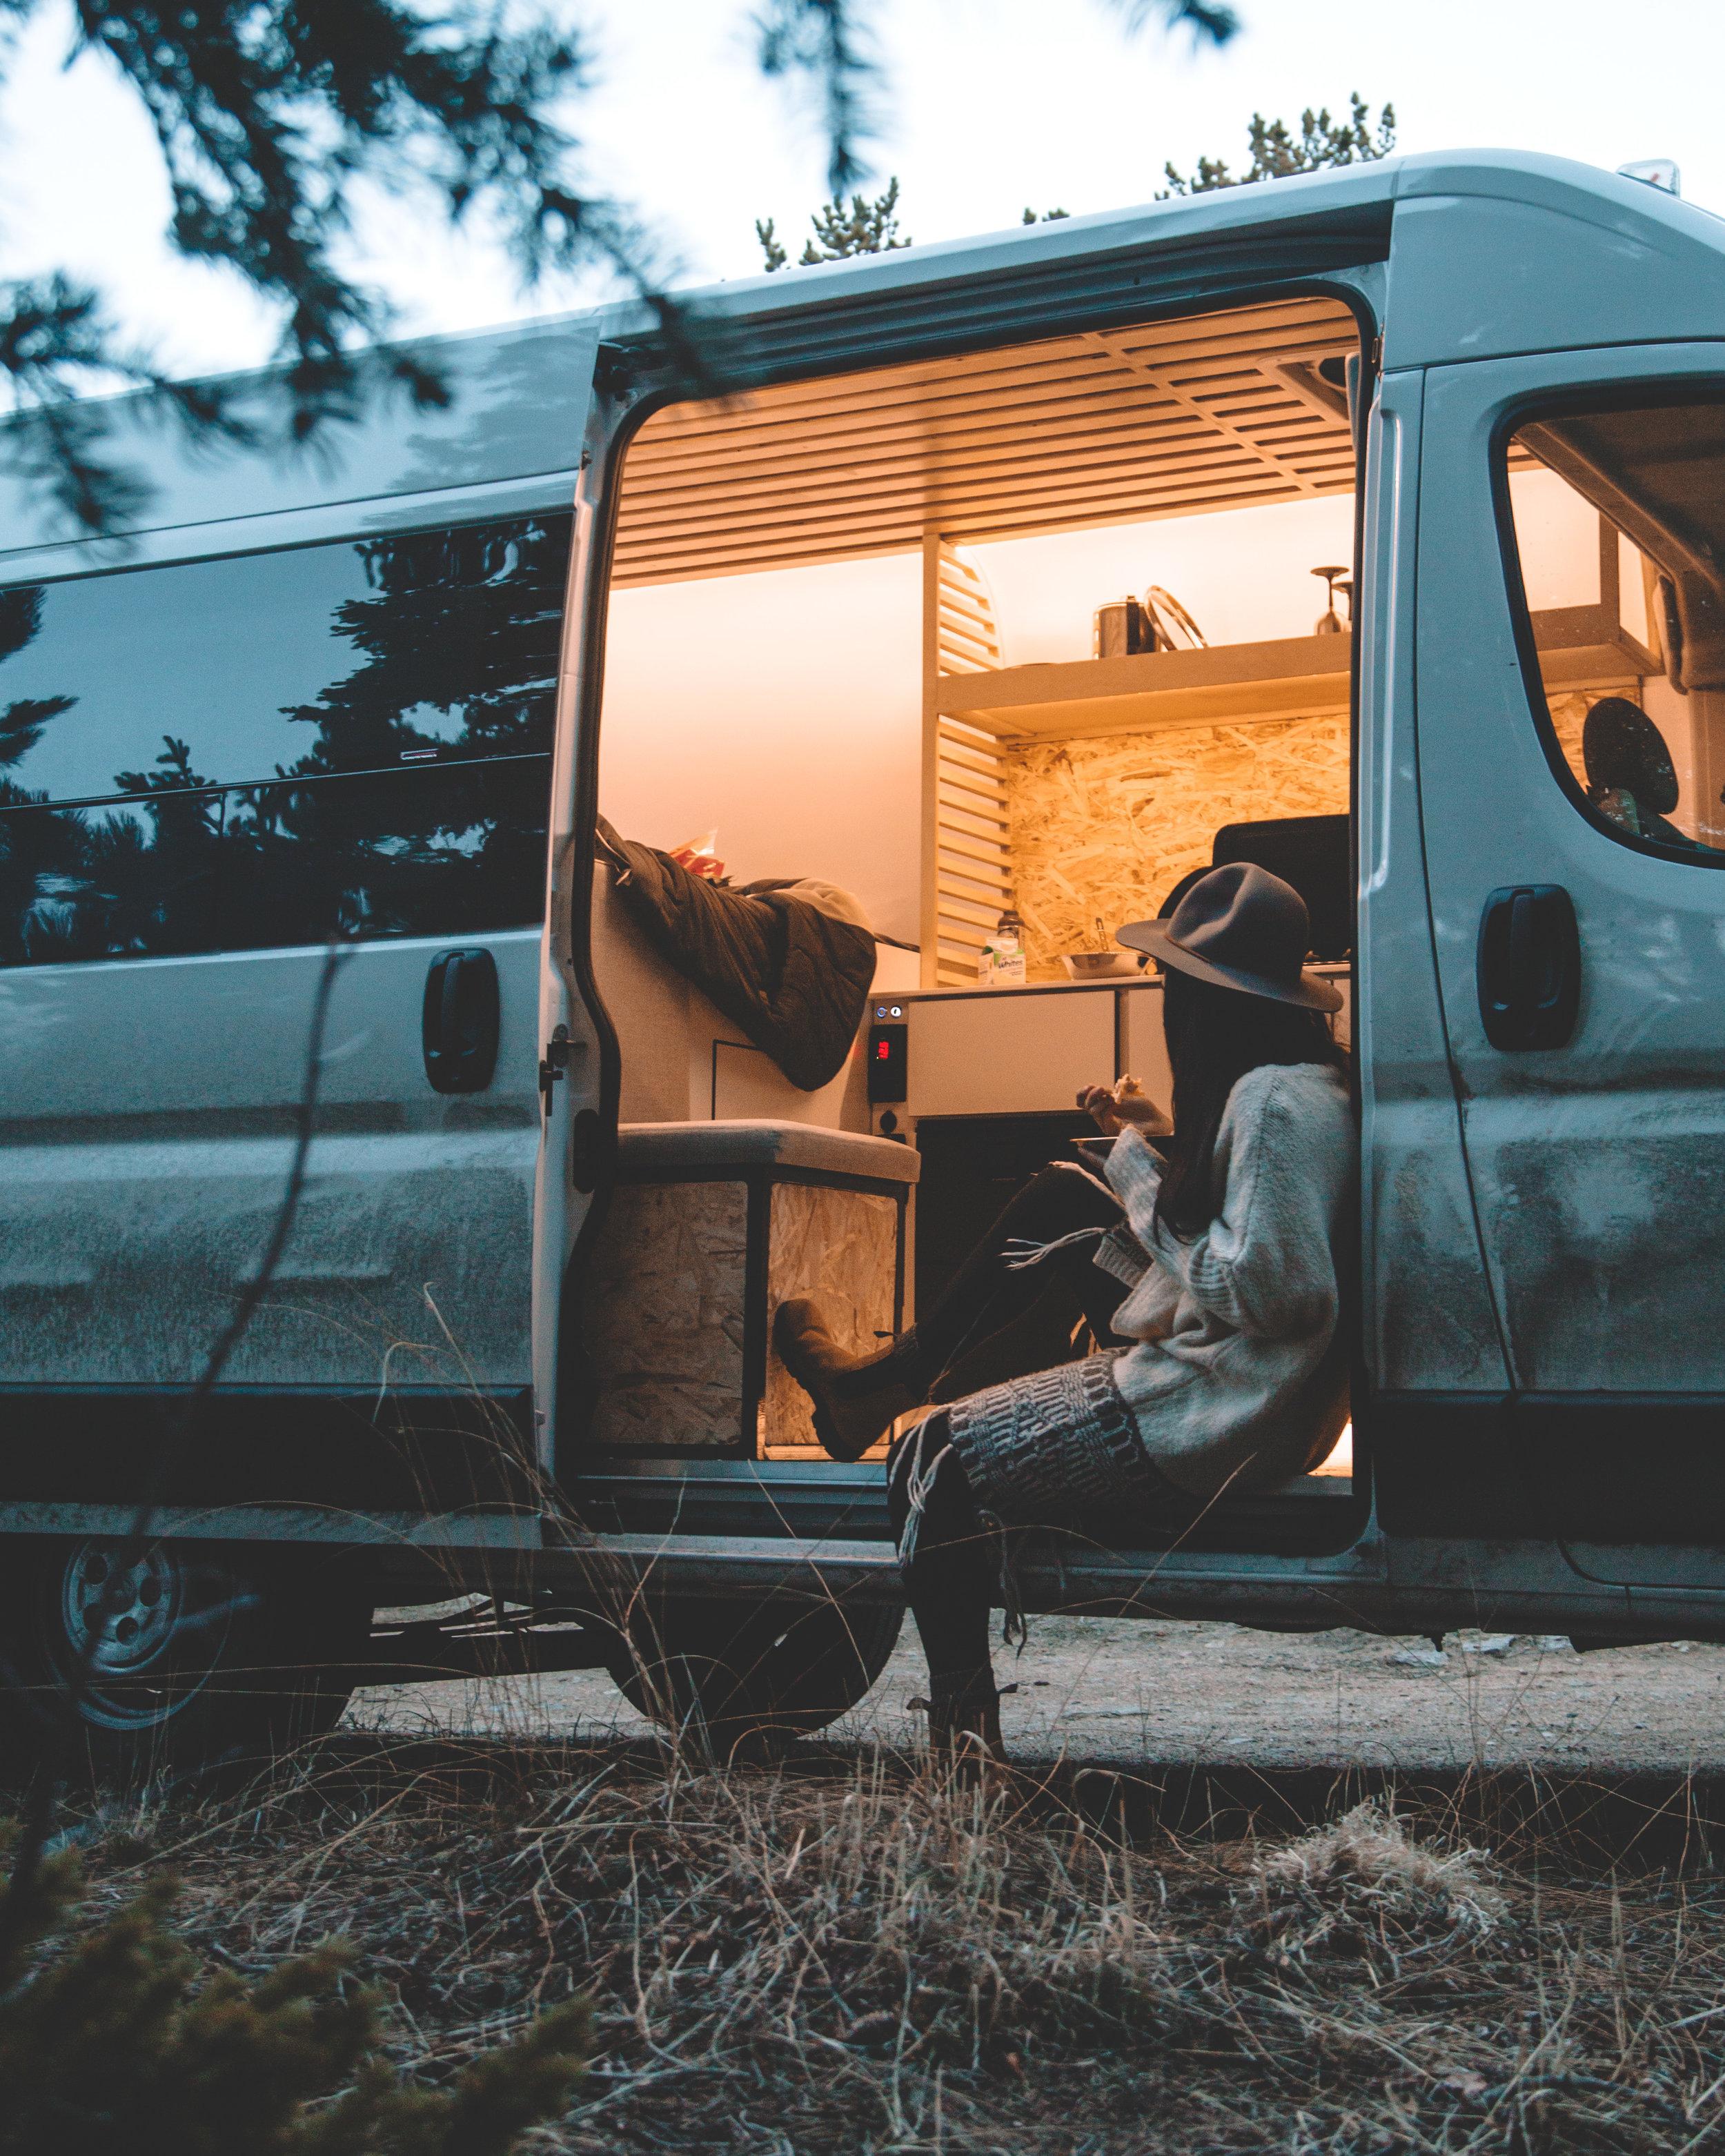 Hanging in the Biggie Campervan